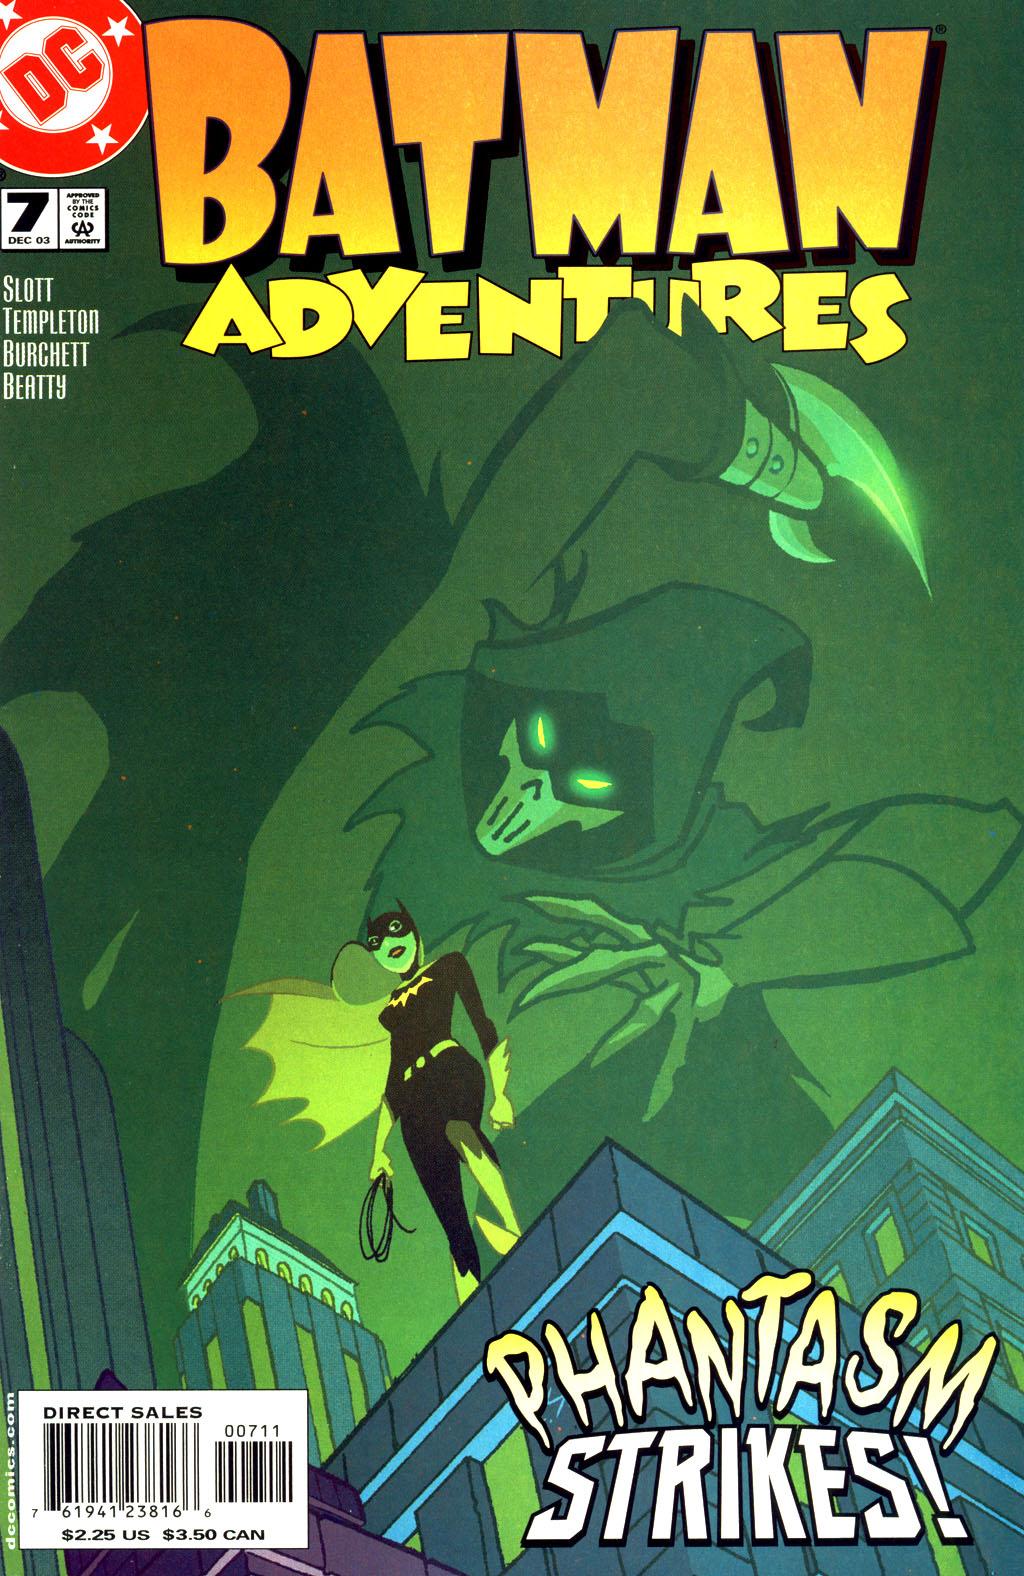 batman adventures 2003 7 read batman adventures 2003. Black Bedroom Furniture Sets. Home Design Ideas